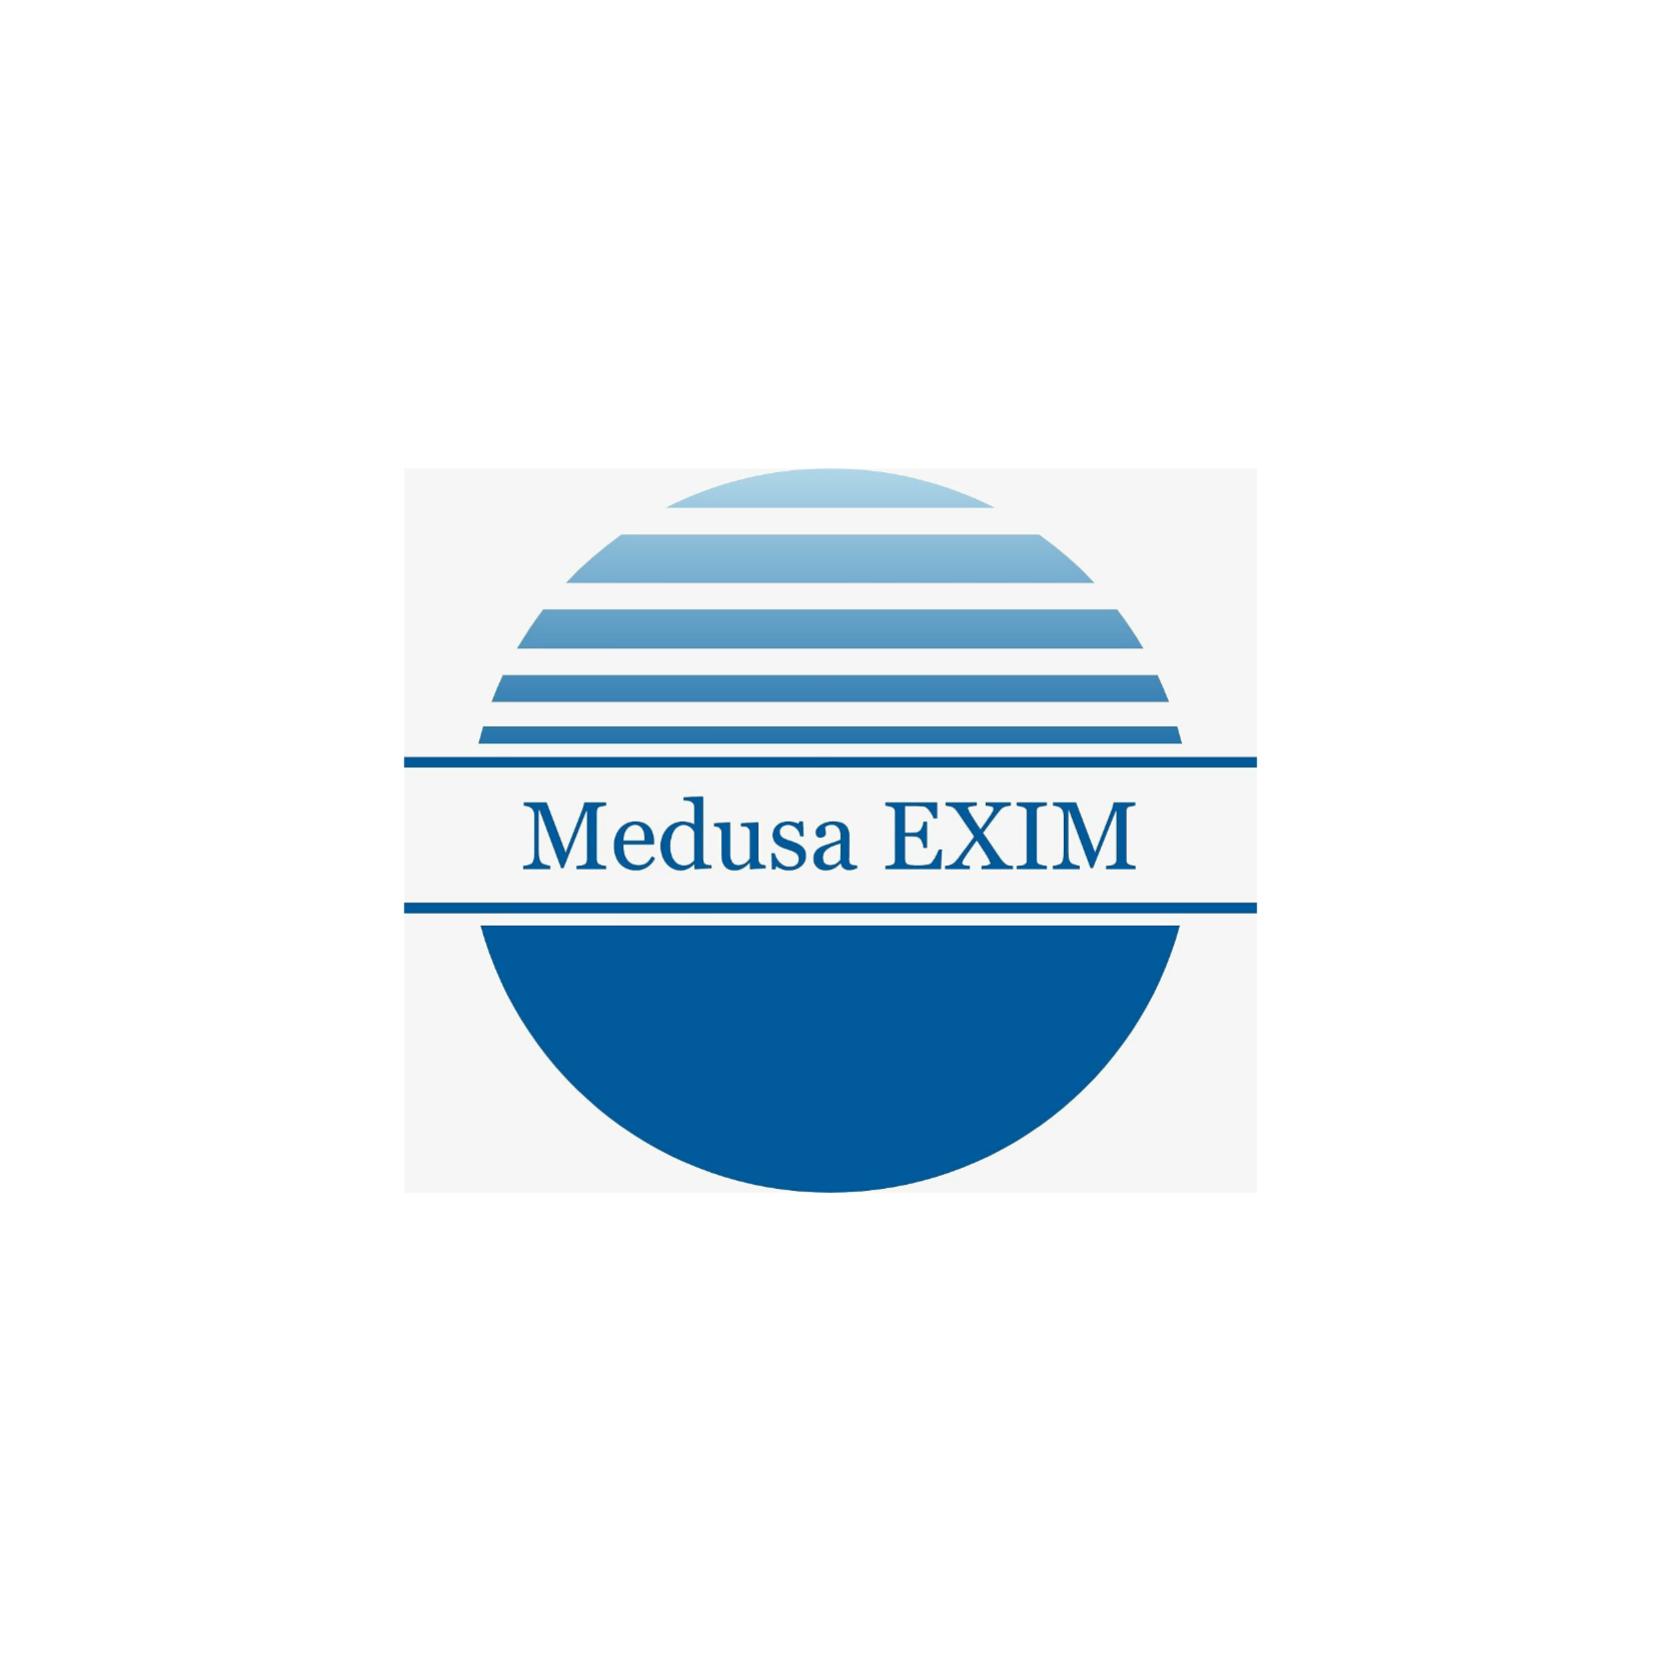 MEDUSA EXIM